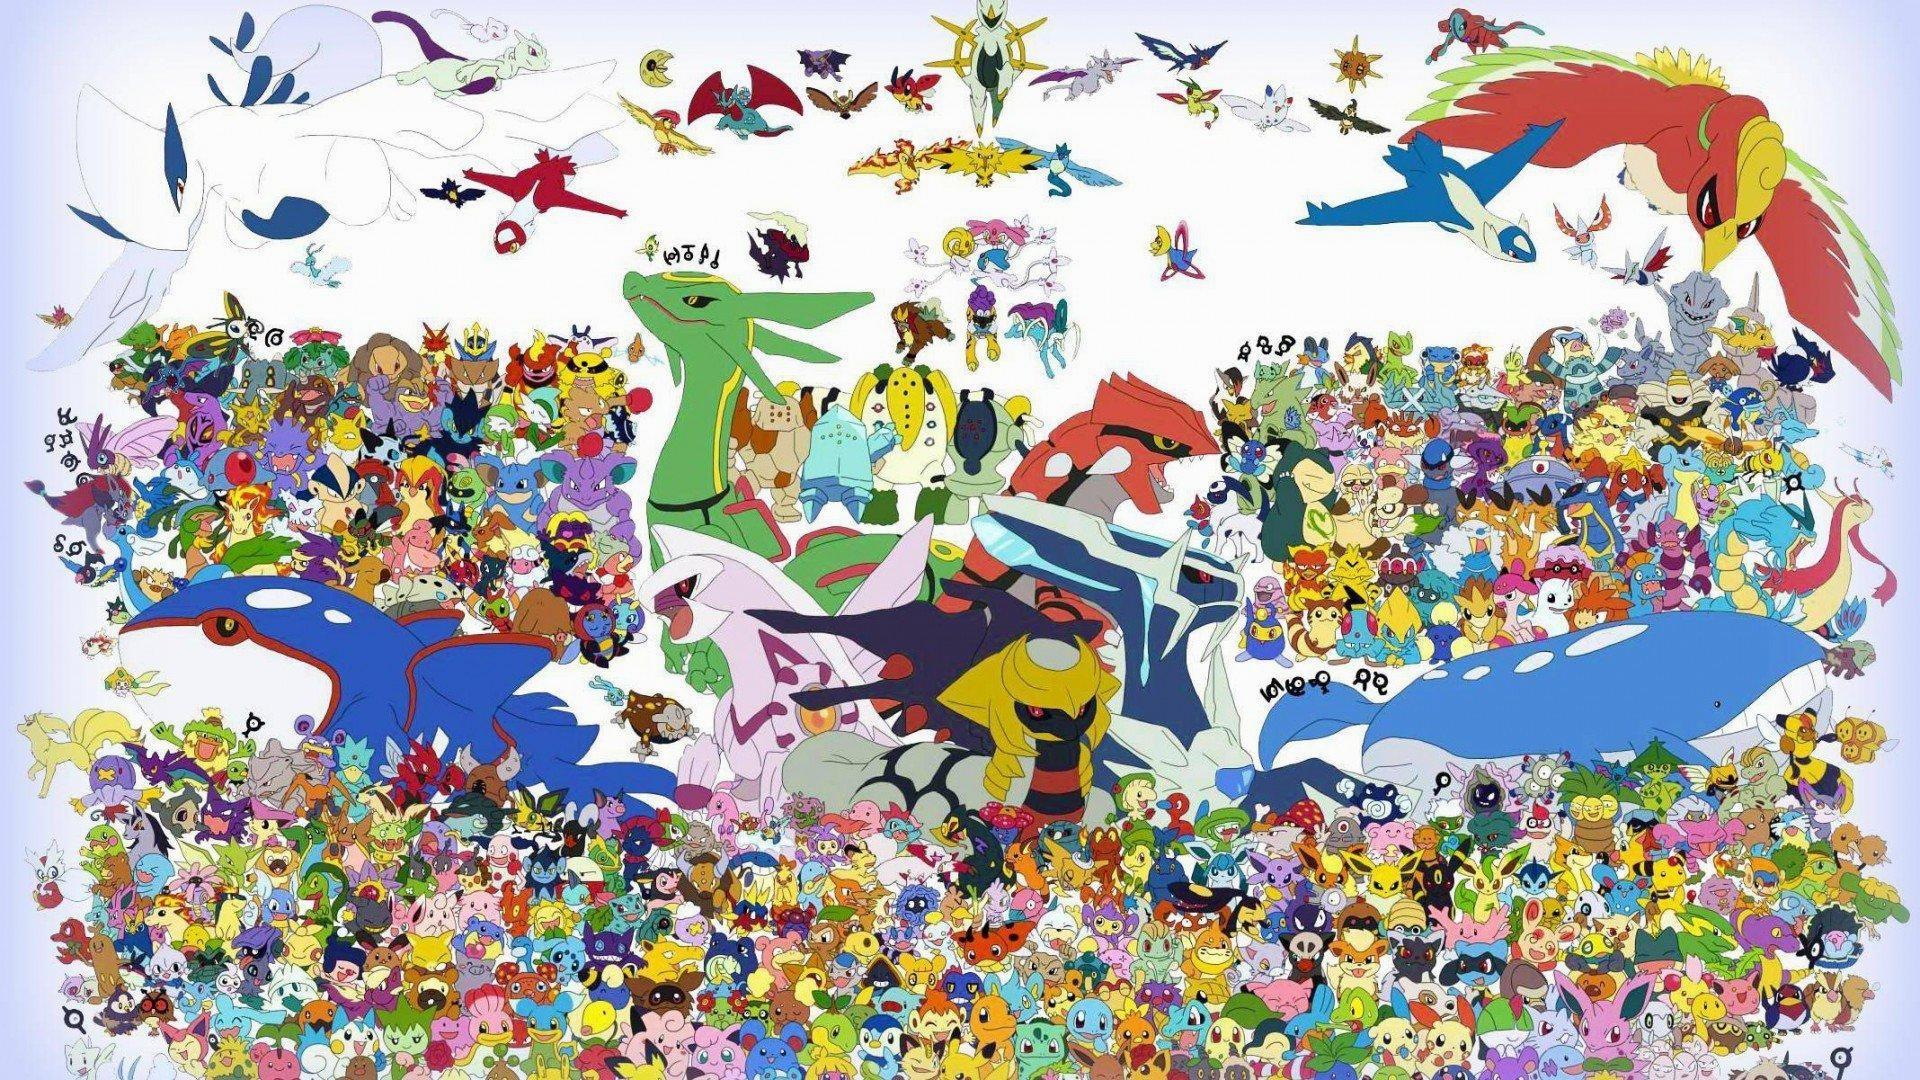 1080P-Pokemon-wallpaper-wp600686